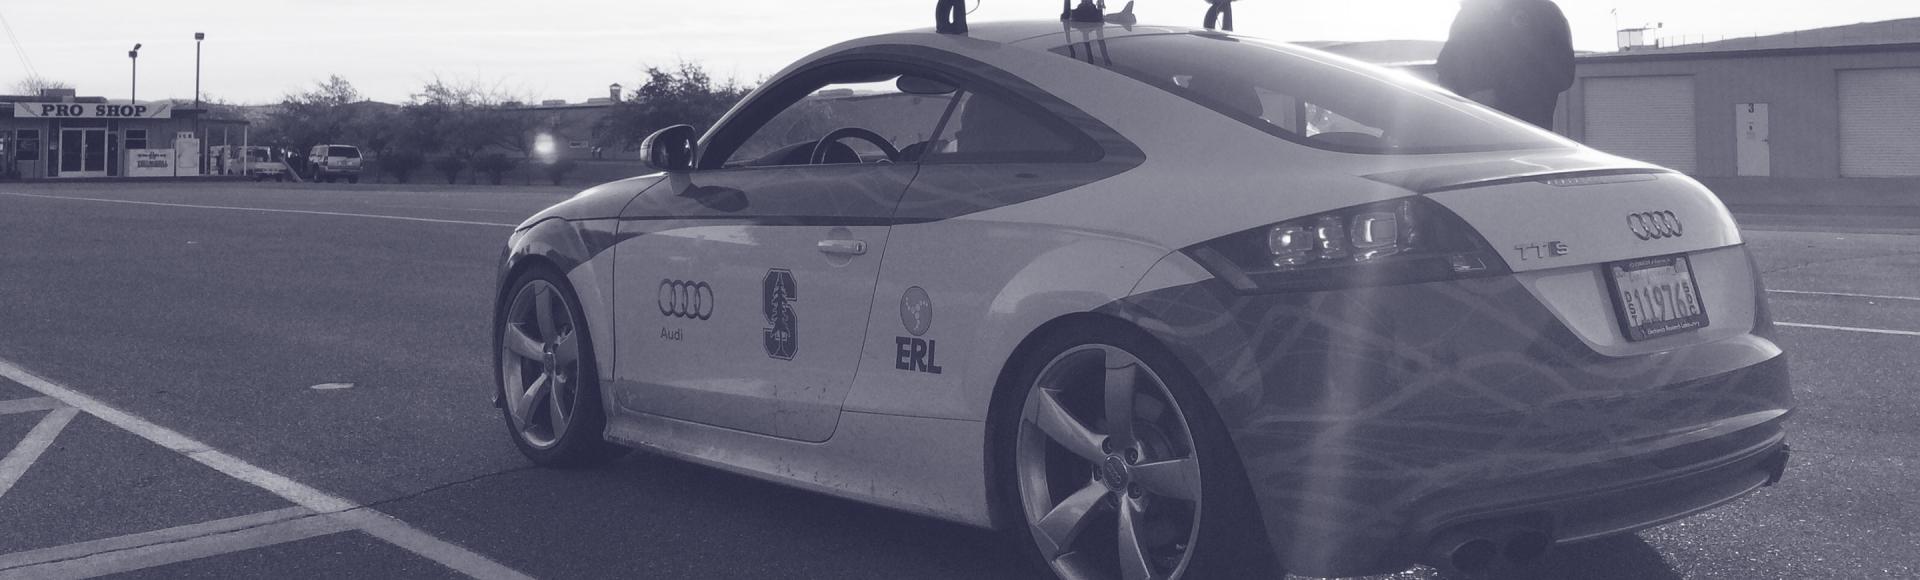 ARK-Invest_Blog-Banner_2018_07_12---Autonomous-Car